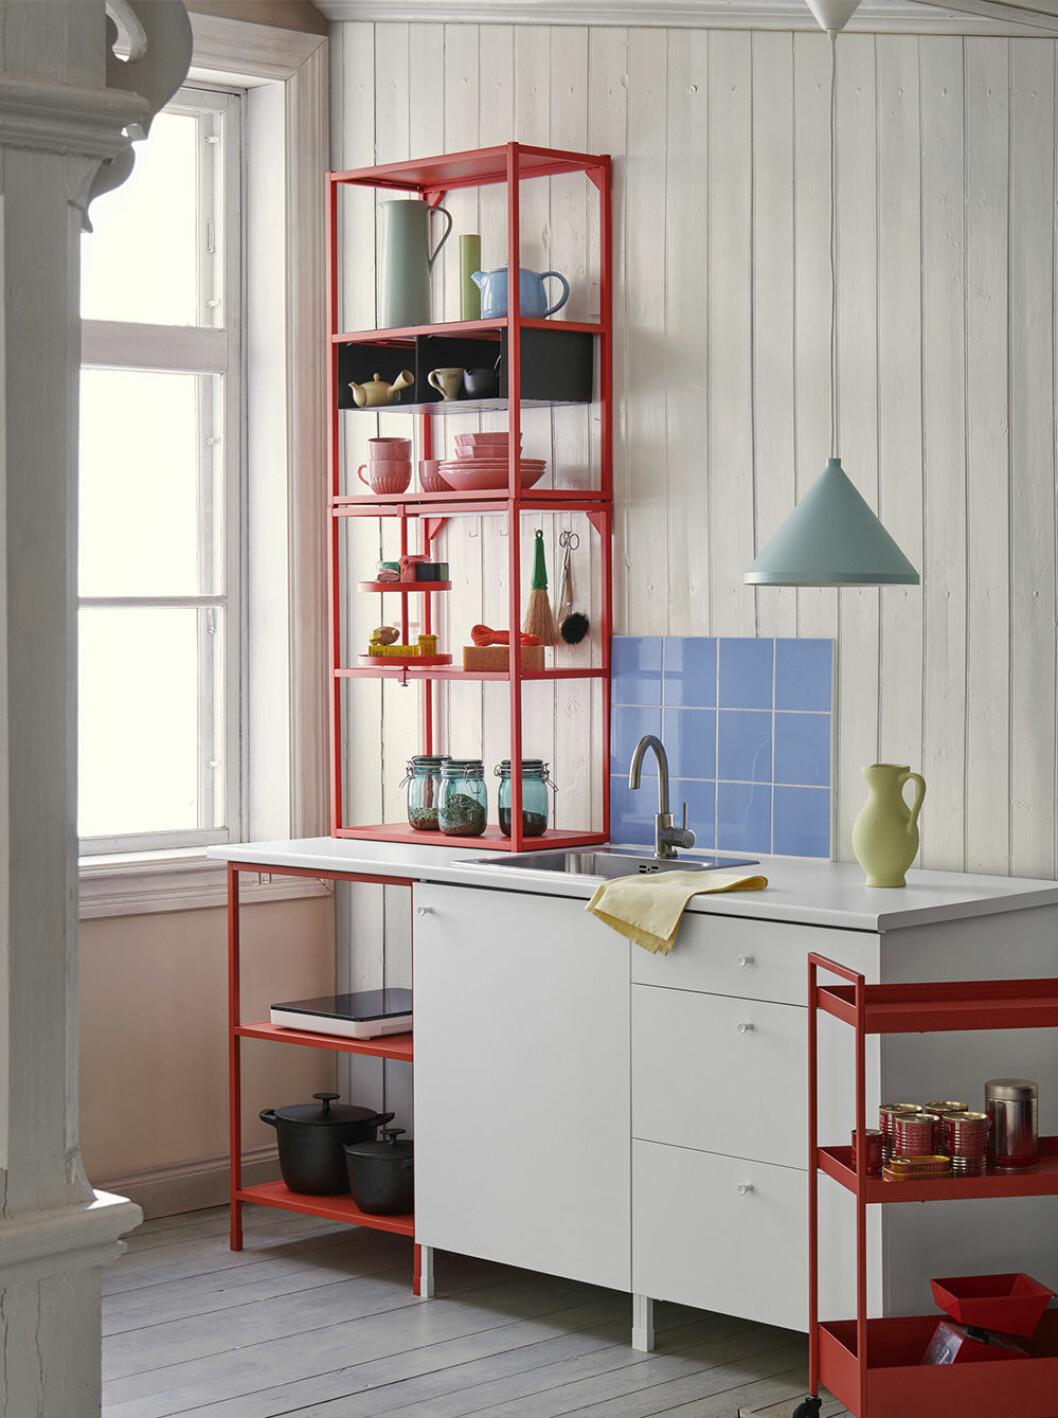 Enhet modulsystem för kök från Ikea